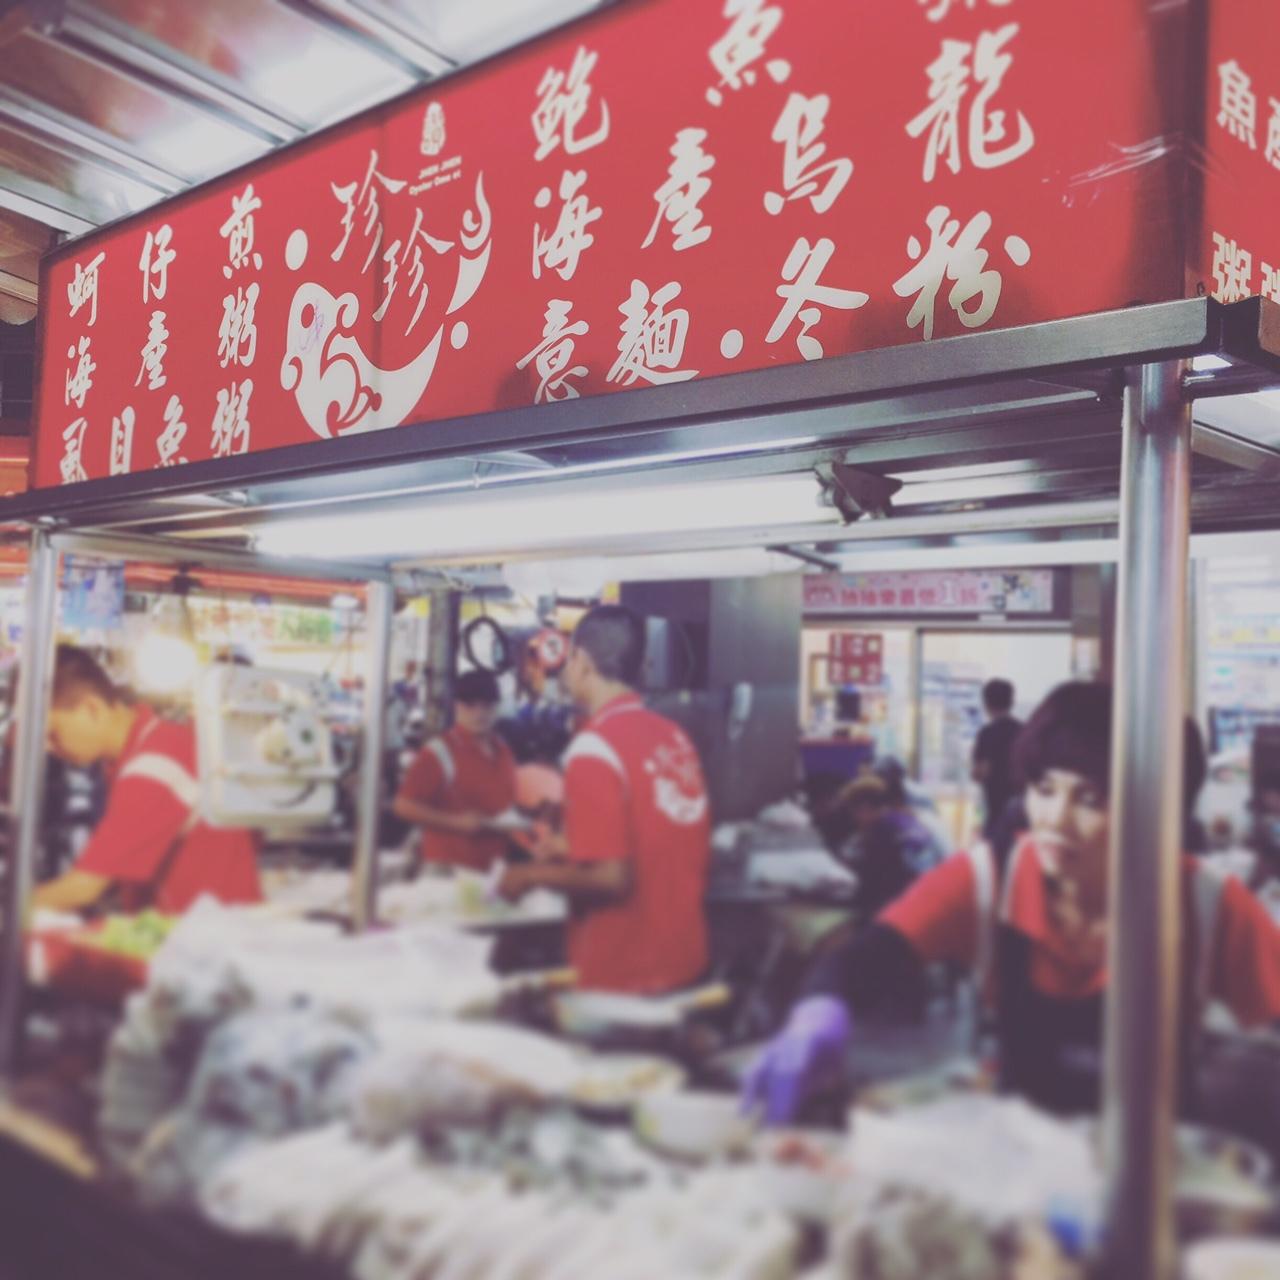 台湾、美食の街、嘉義を旅する②_1_2-1